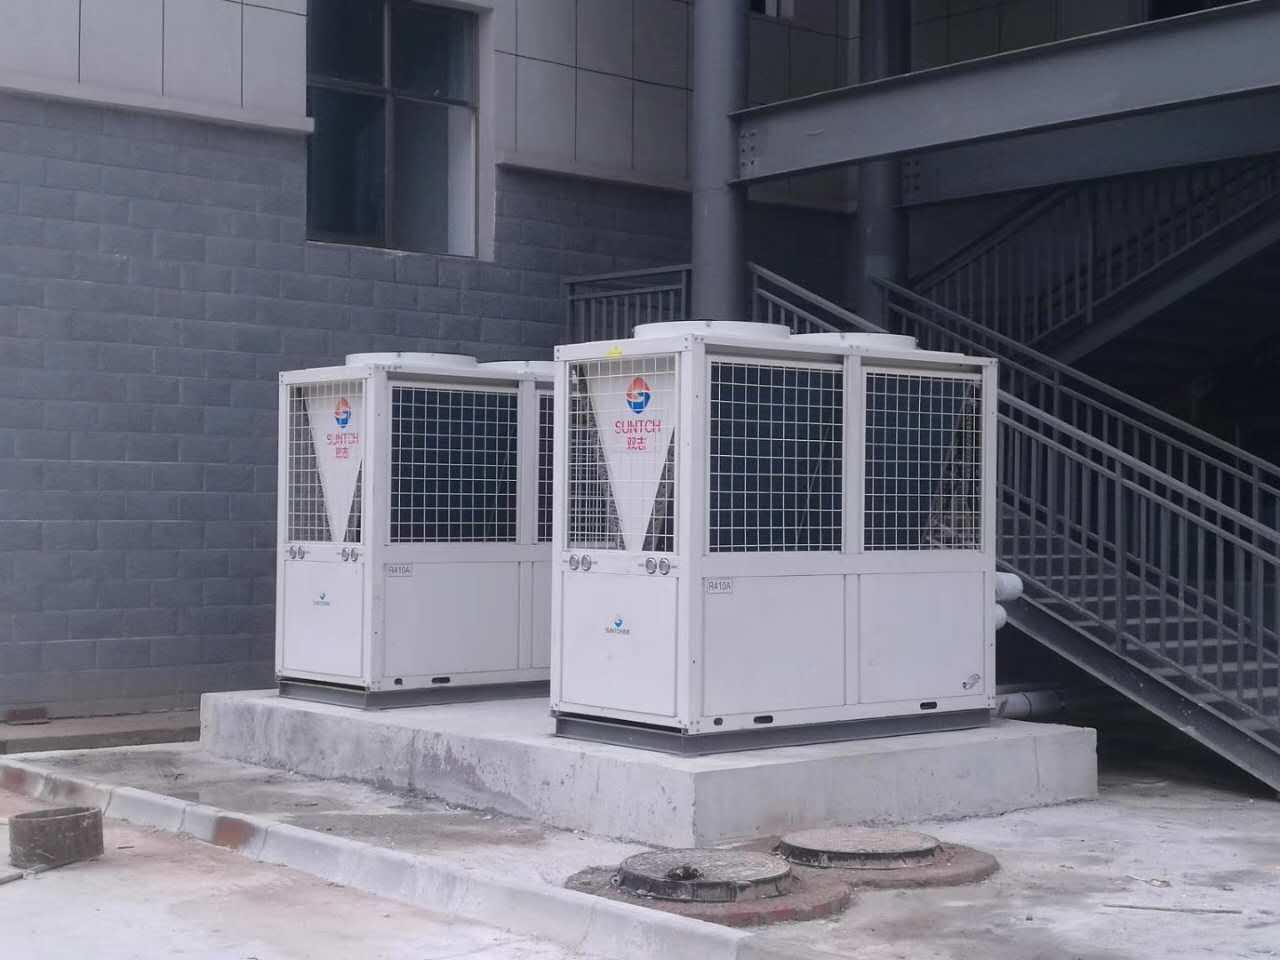 天水机电学院全直流变频空气源热泵3o吨热水系统竣工验收